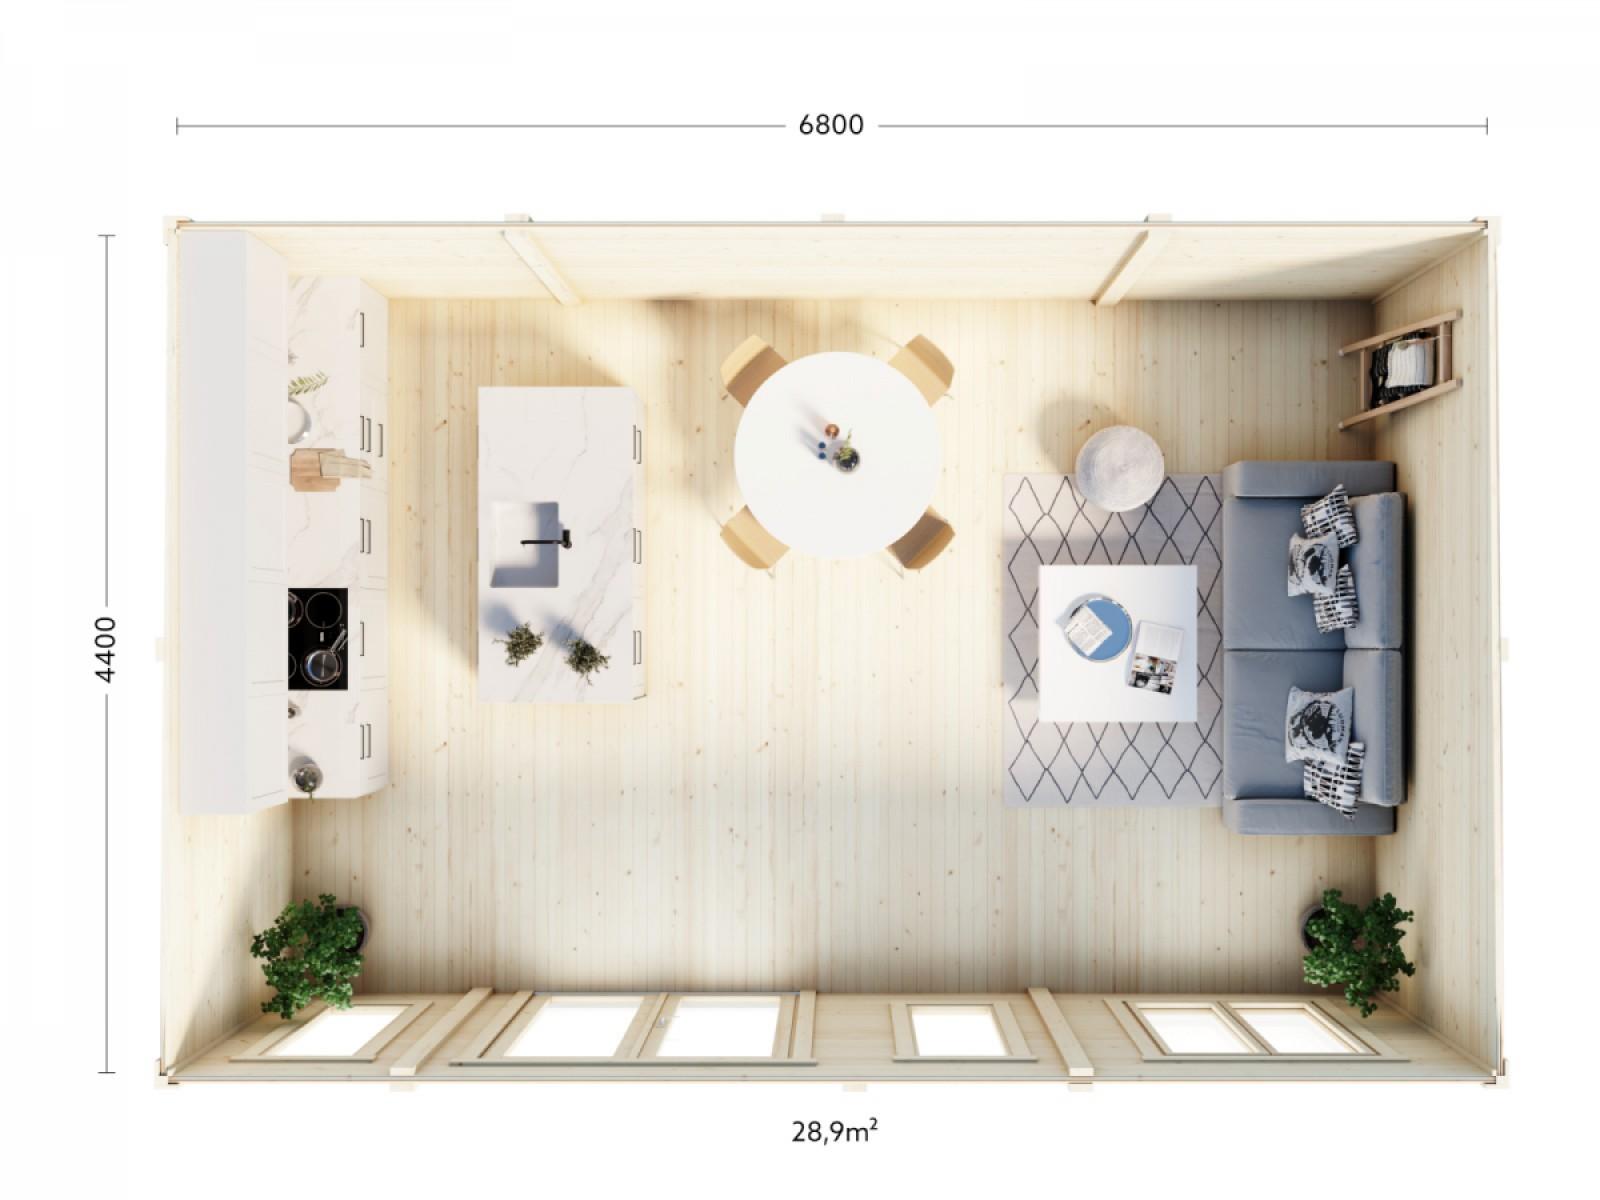 1624981168_Lillevilla 360 Cabin Floor Plan.jpg